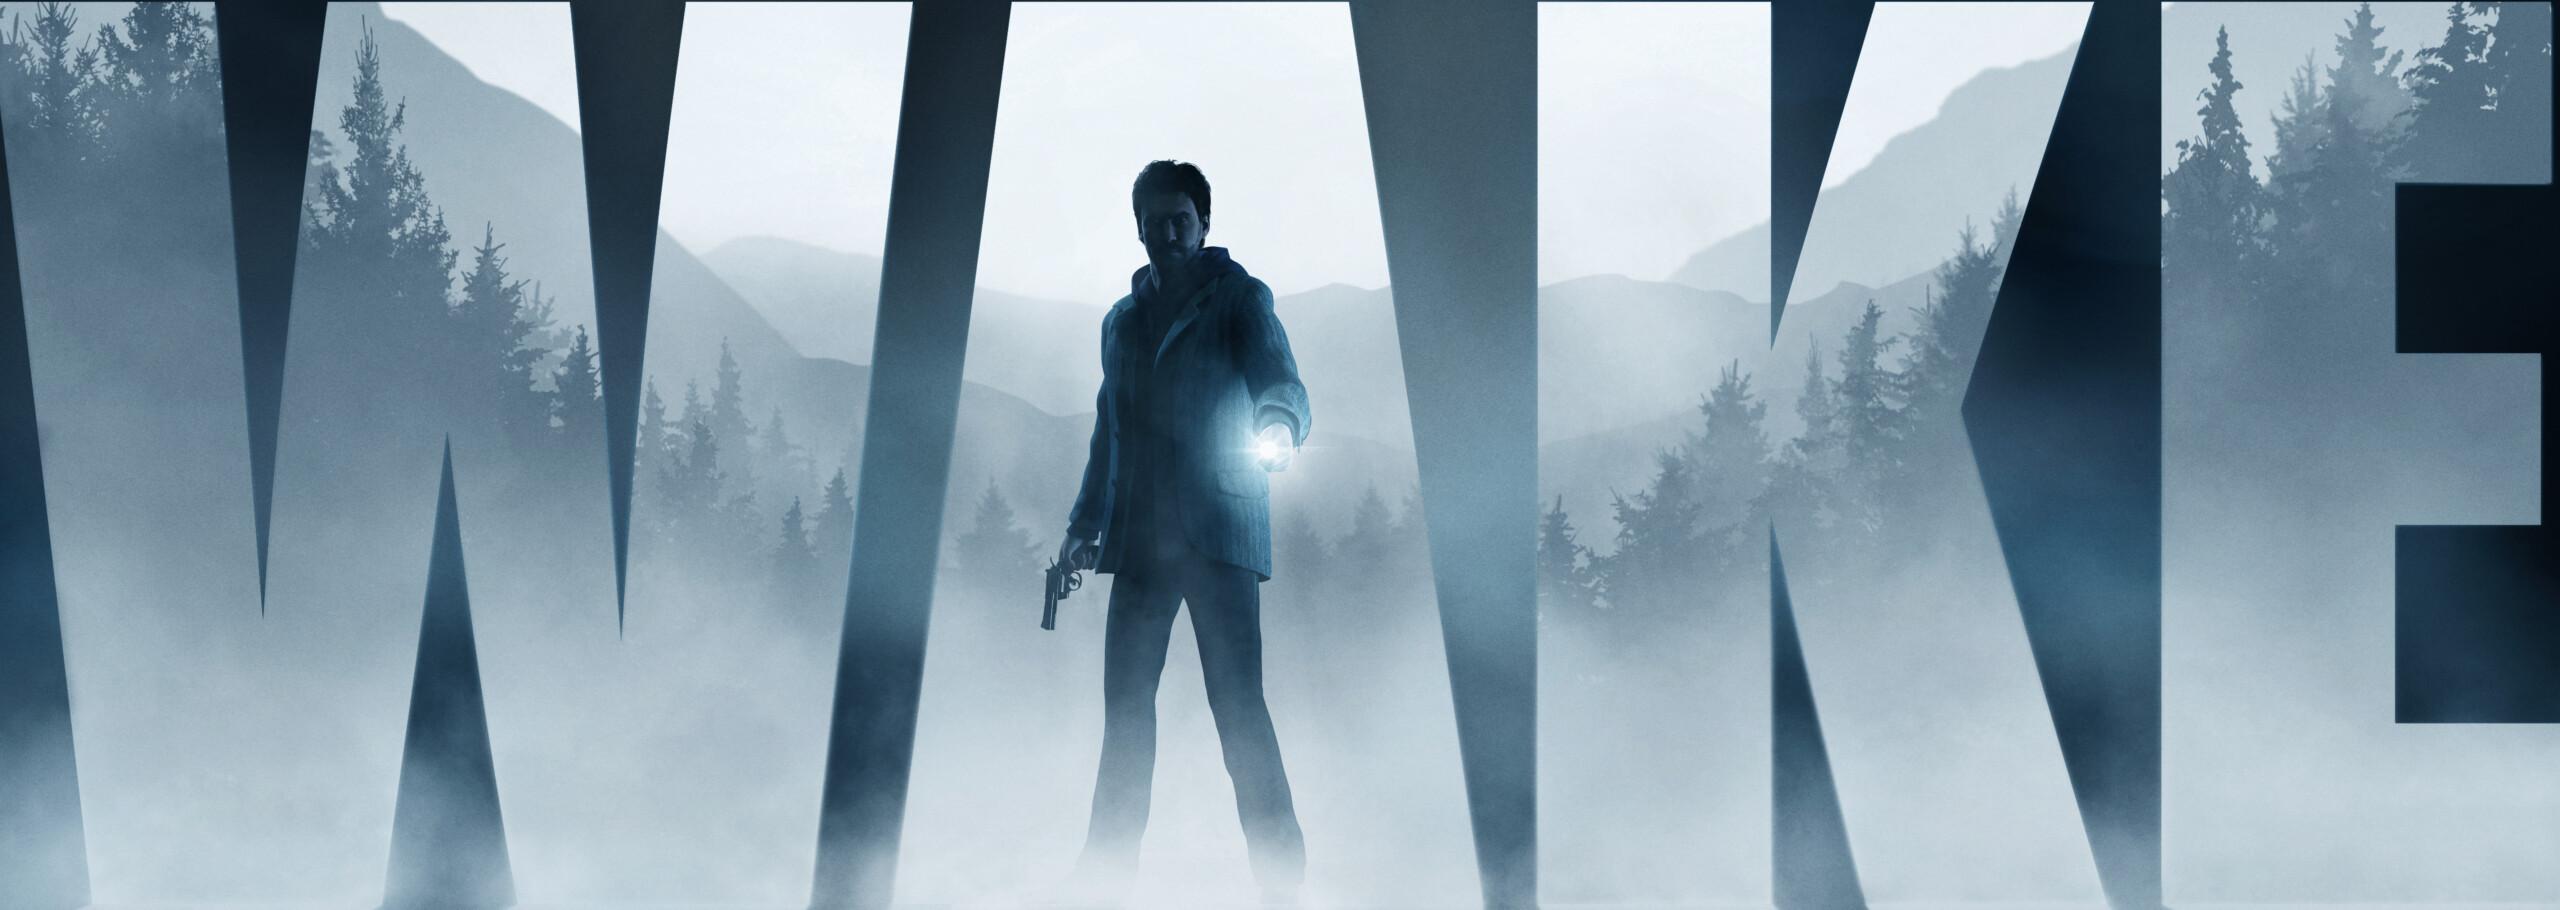 Alan Wake Remastered : Epic Games sort l'artillerie lourde pour son tout premier jeu édité